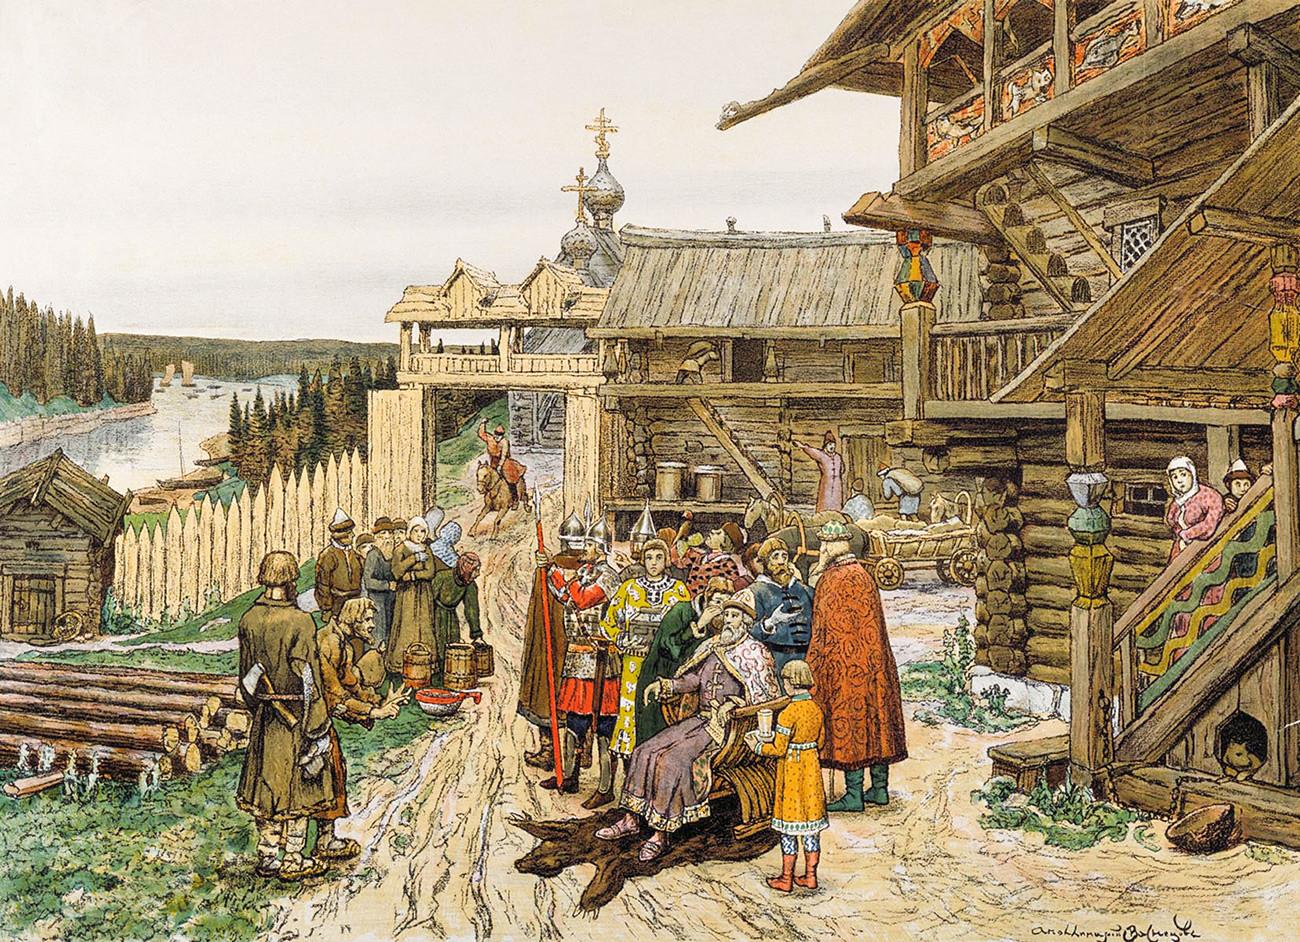 『モスクワ大公国の宮廷』アポリナリー・ヴァスネツォフ画